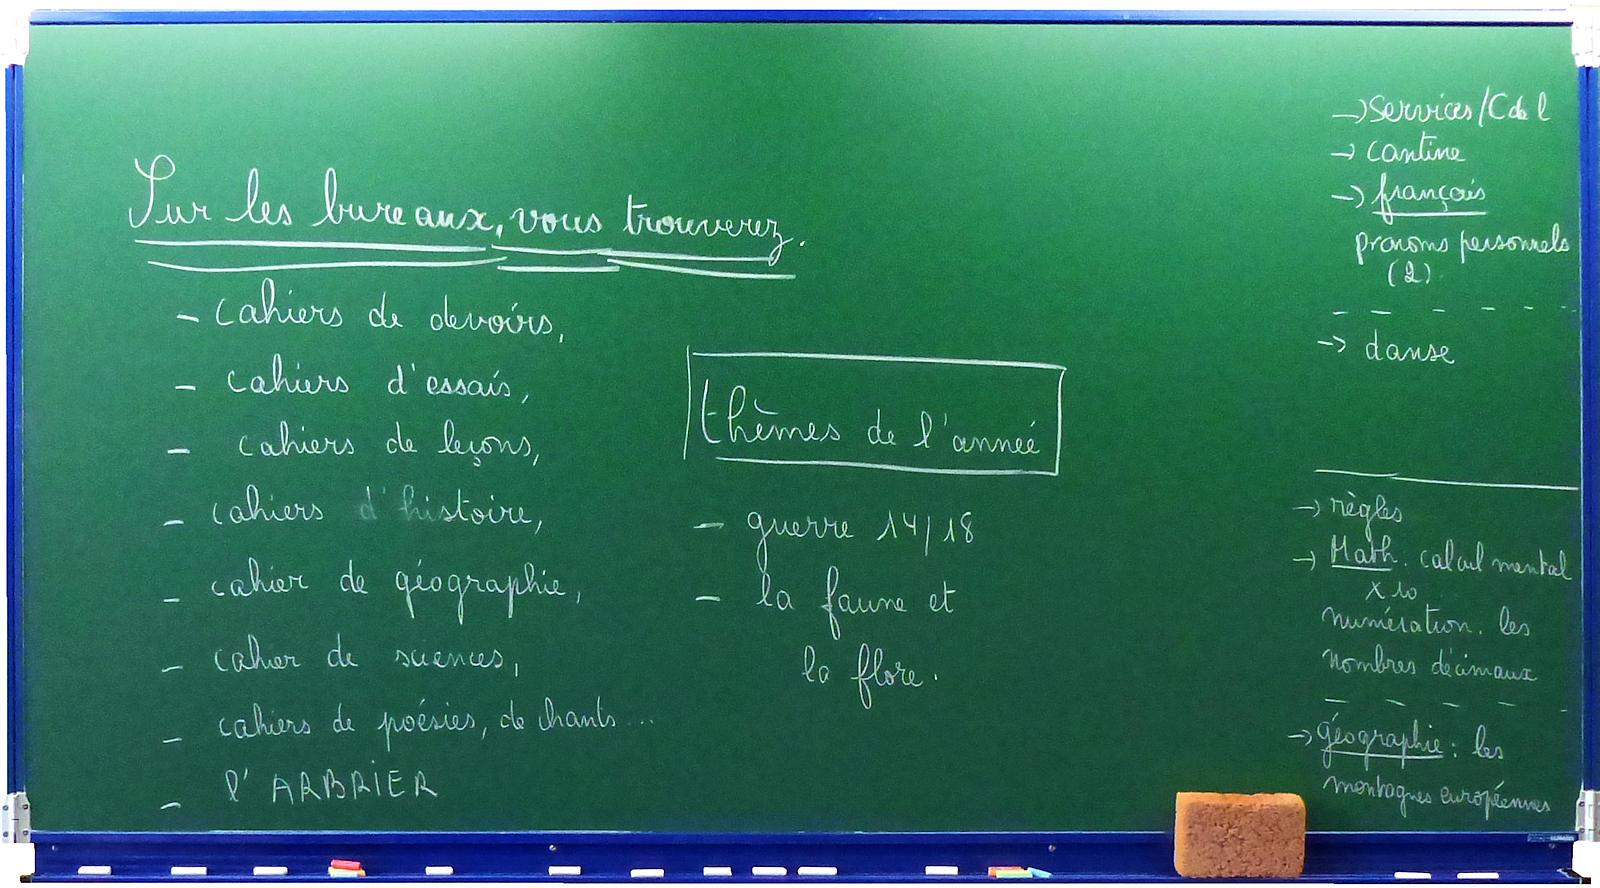 École primaire CNDI Tourcoing - Tableau Rentrée des classes